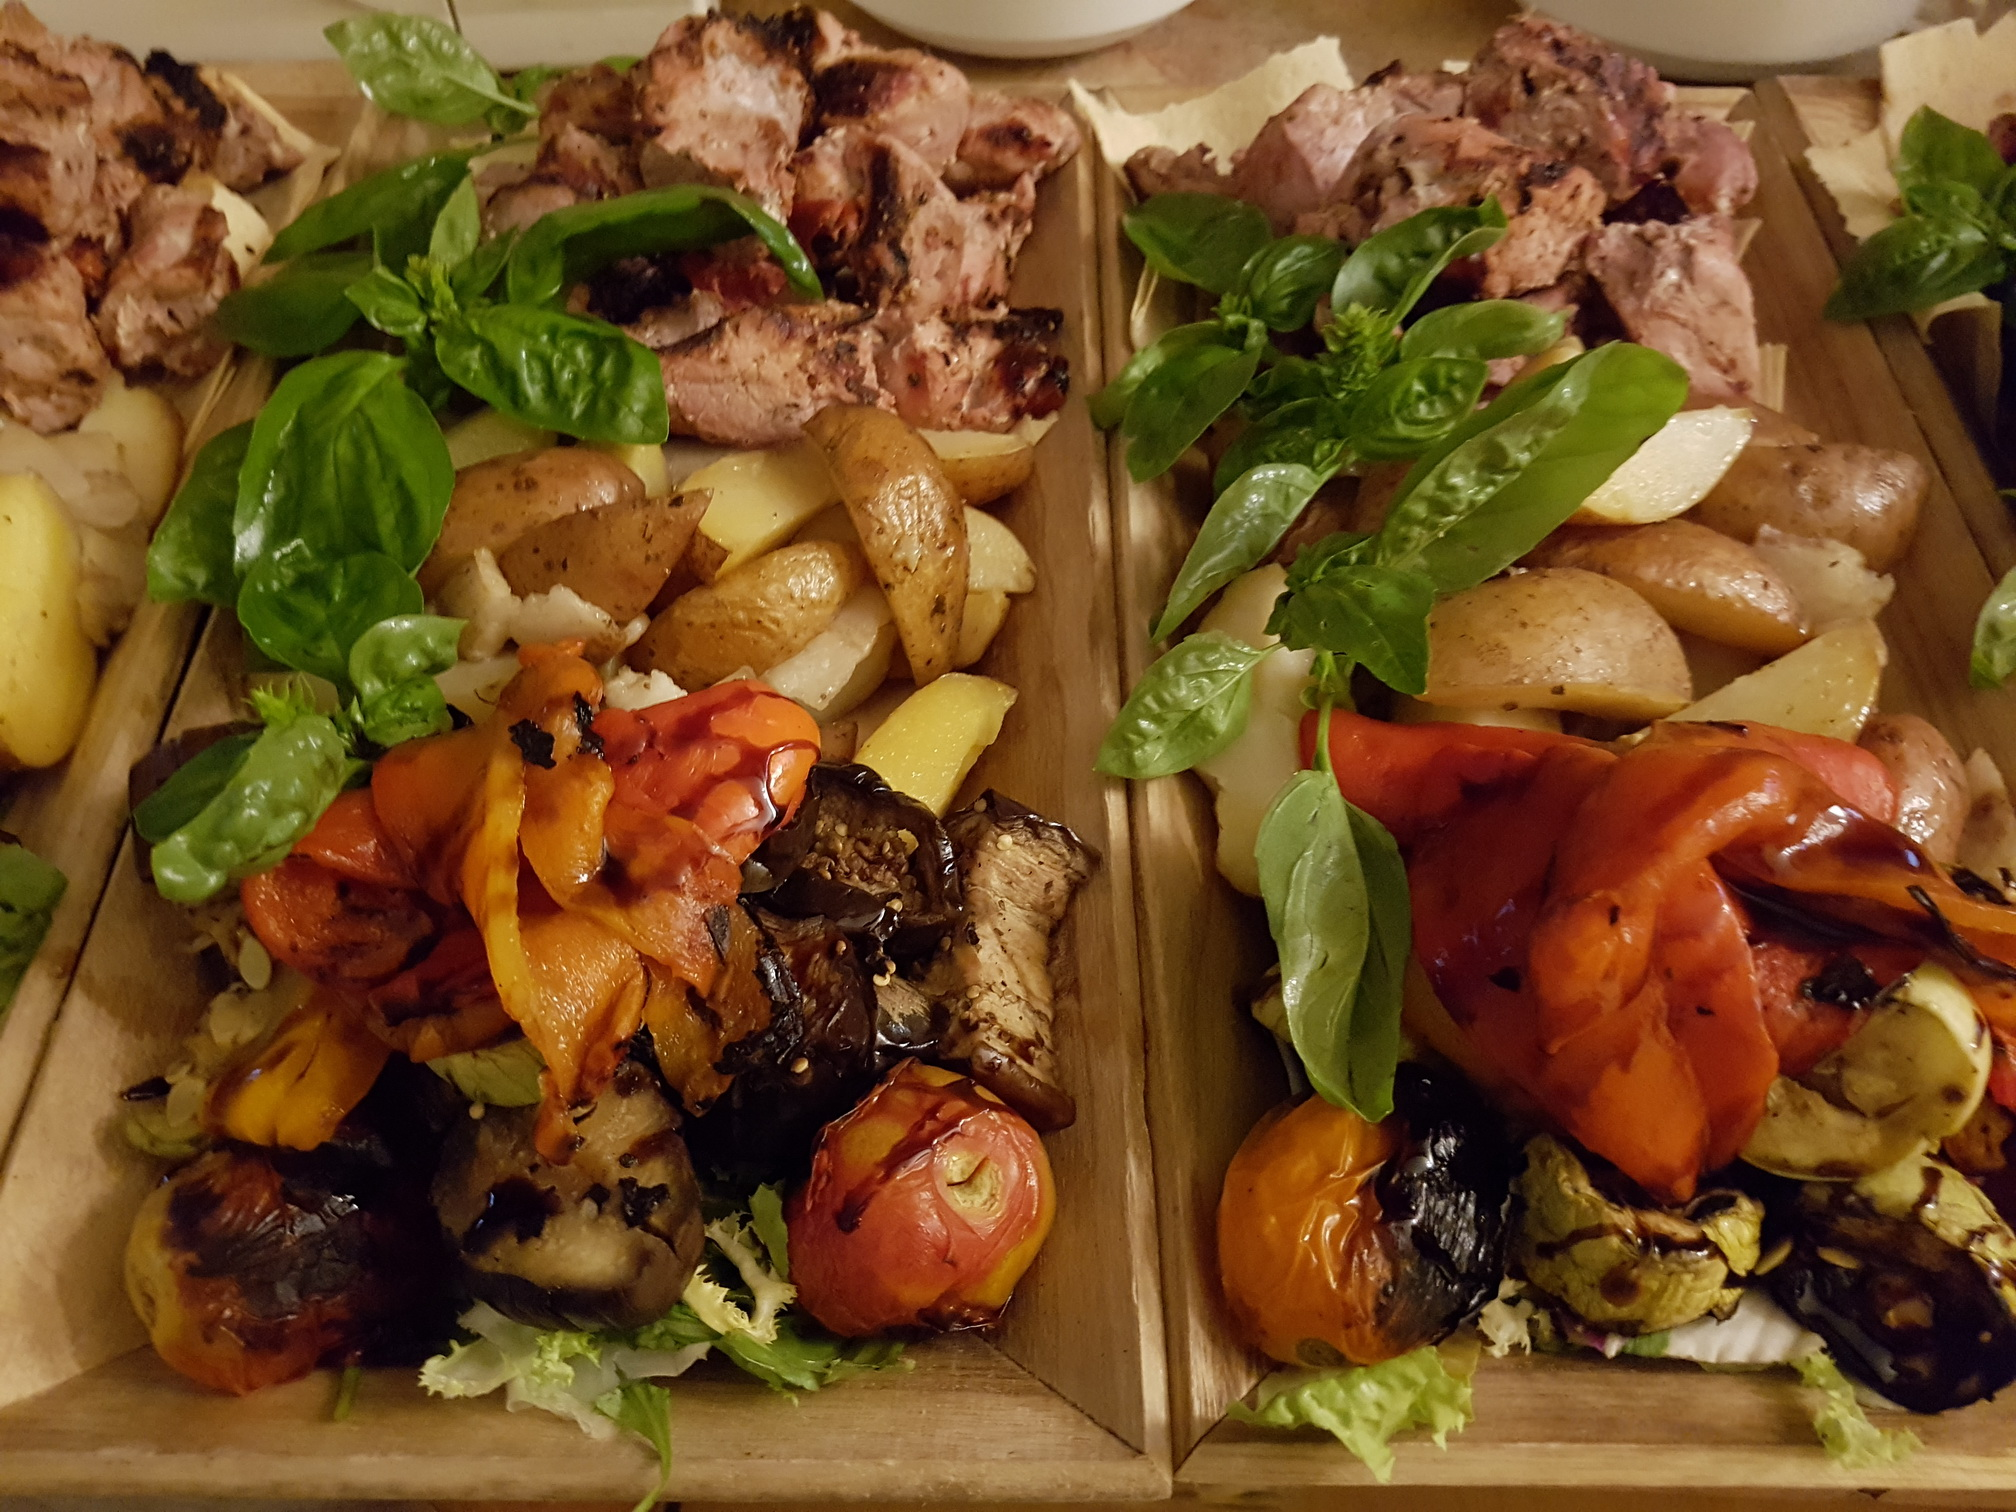 фото еды на пикник